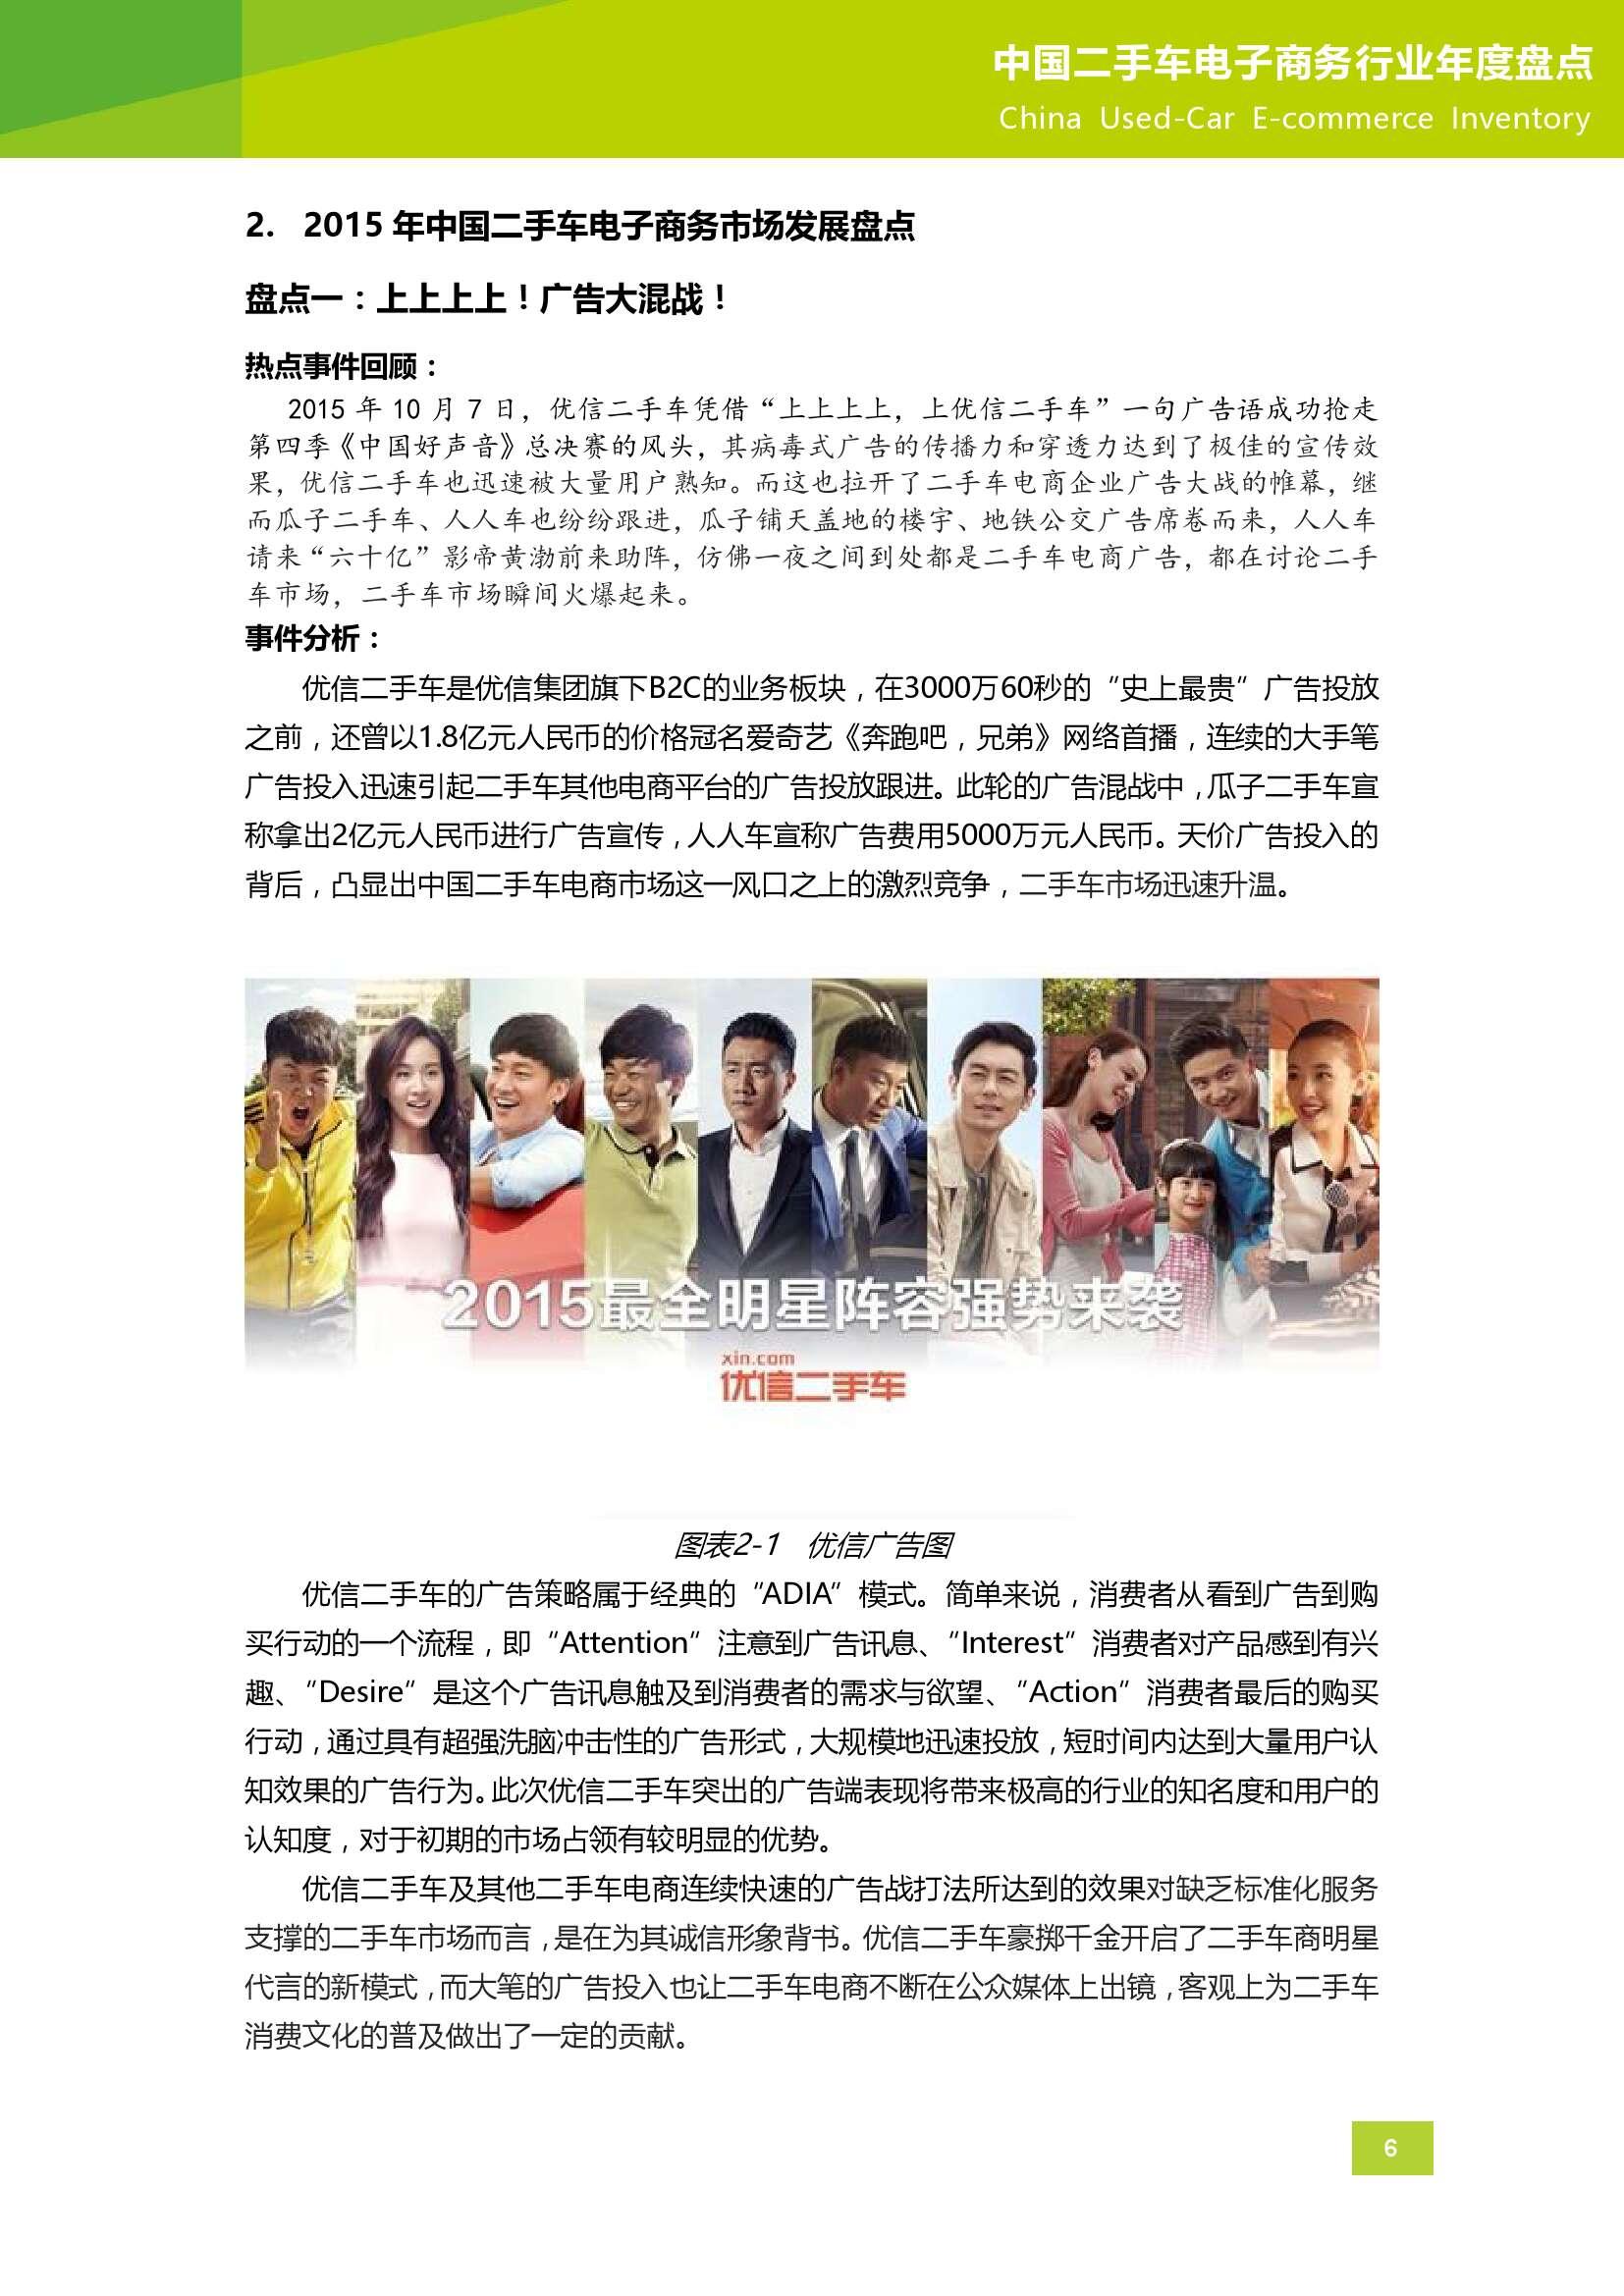 2015年中国二手车电子商务行业年度盘点_000007